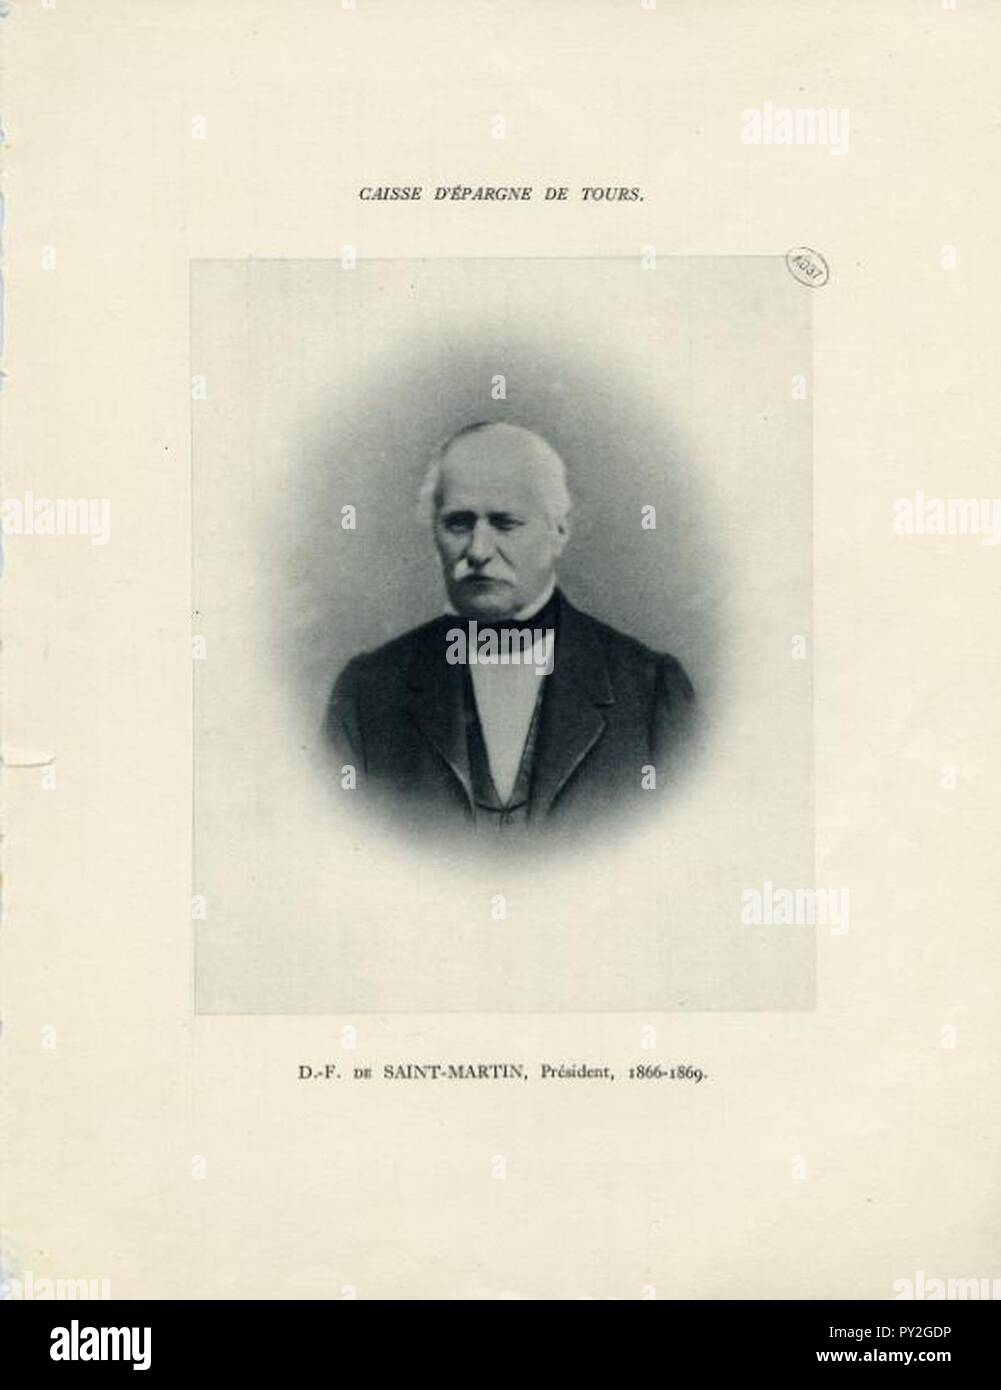 CAISSE D'EPARGNE DE TOURS - D.-F. DE SAINT-MARTIN, Président, 1866-1869. - Stock Image